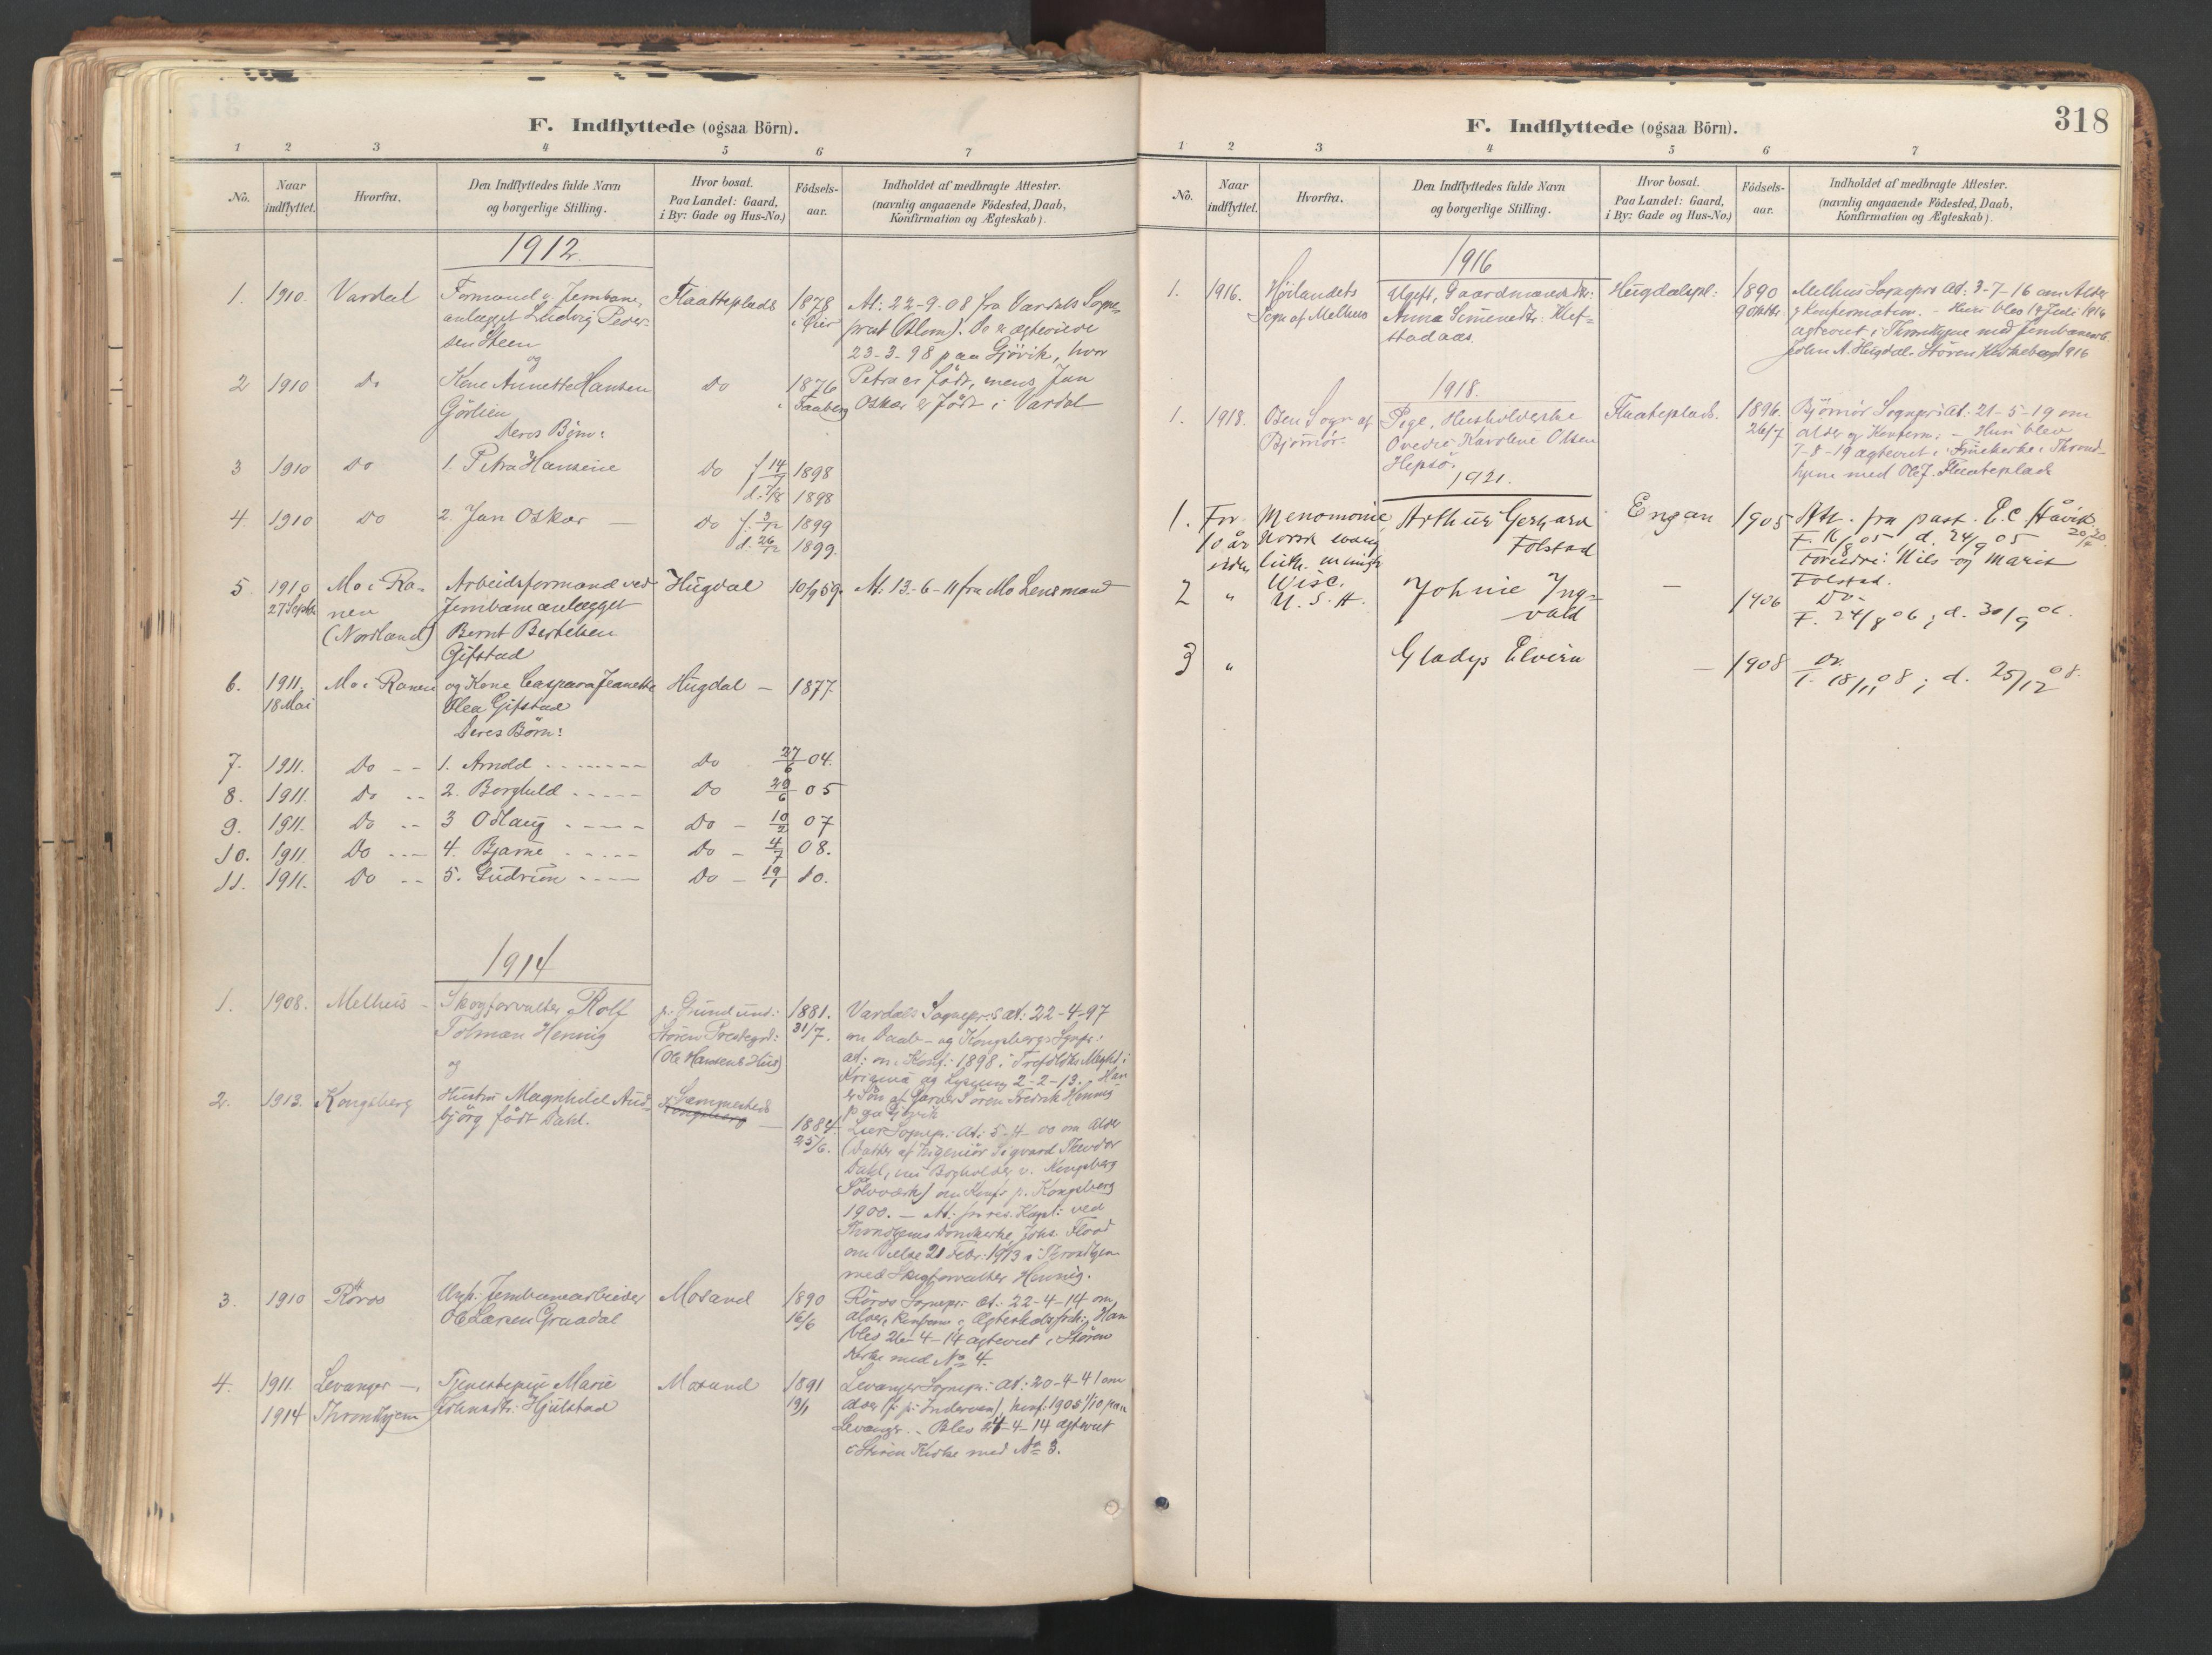 SAT, Ministerialprotokoller, klokkerbøker og fødselsregistre - Sør-Trøndelag, 687/L1004: Ministerialbok nr. 687A10, 1891-1923, s. 318